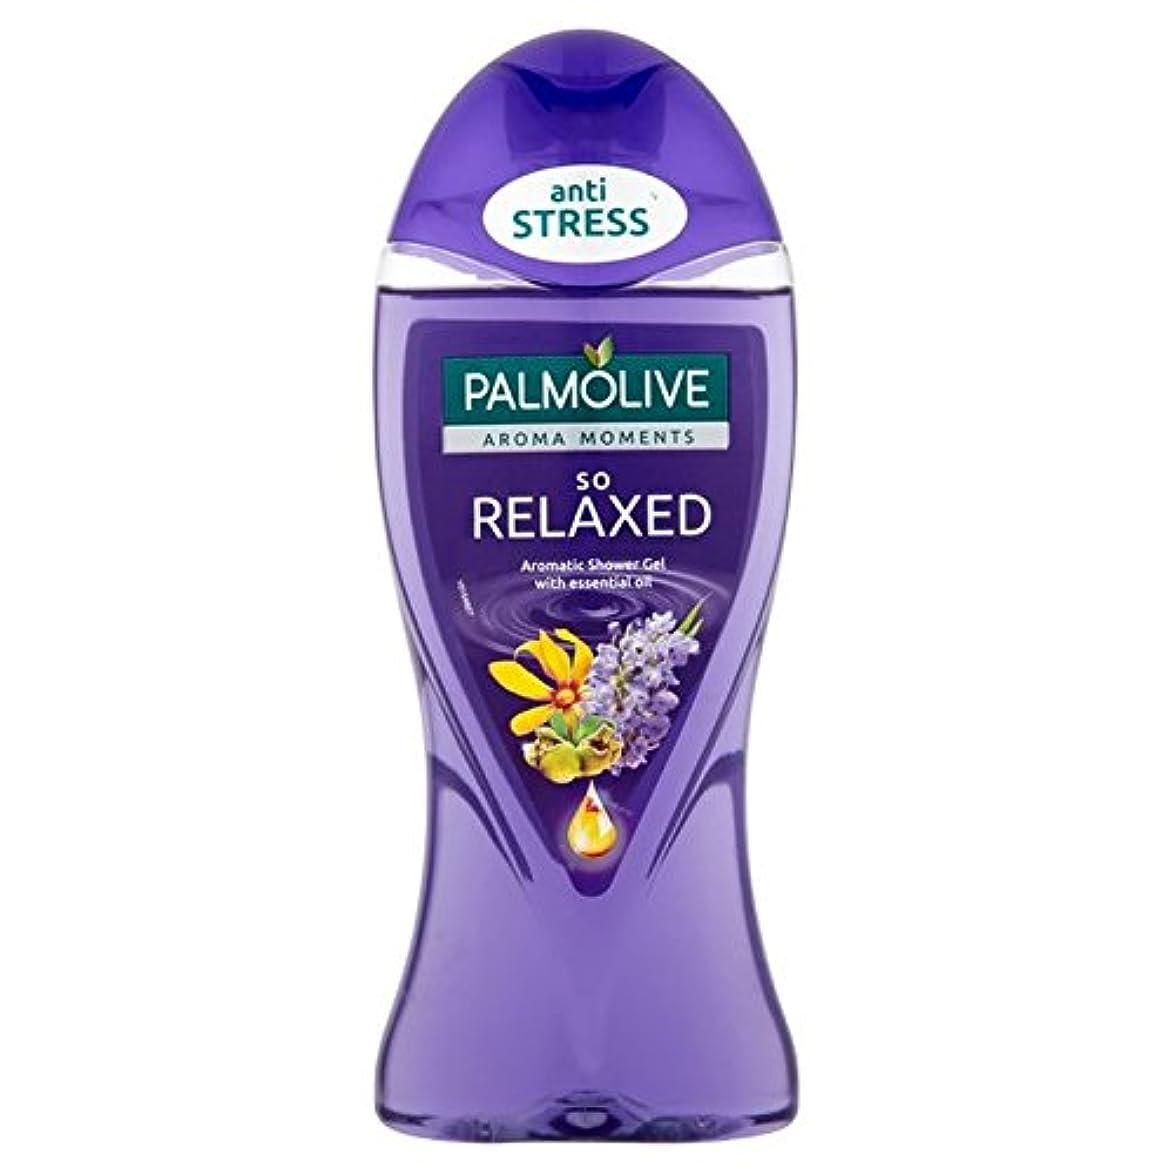 二十敬の念スリップシューズPalmolive Shower Gel Relaxed 250ml - パルモシャワージェルリラックスした250ミリリットル [並行輸入品]